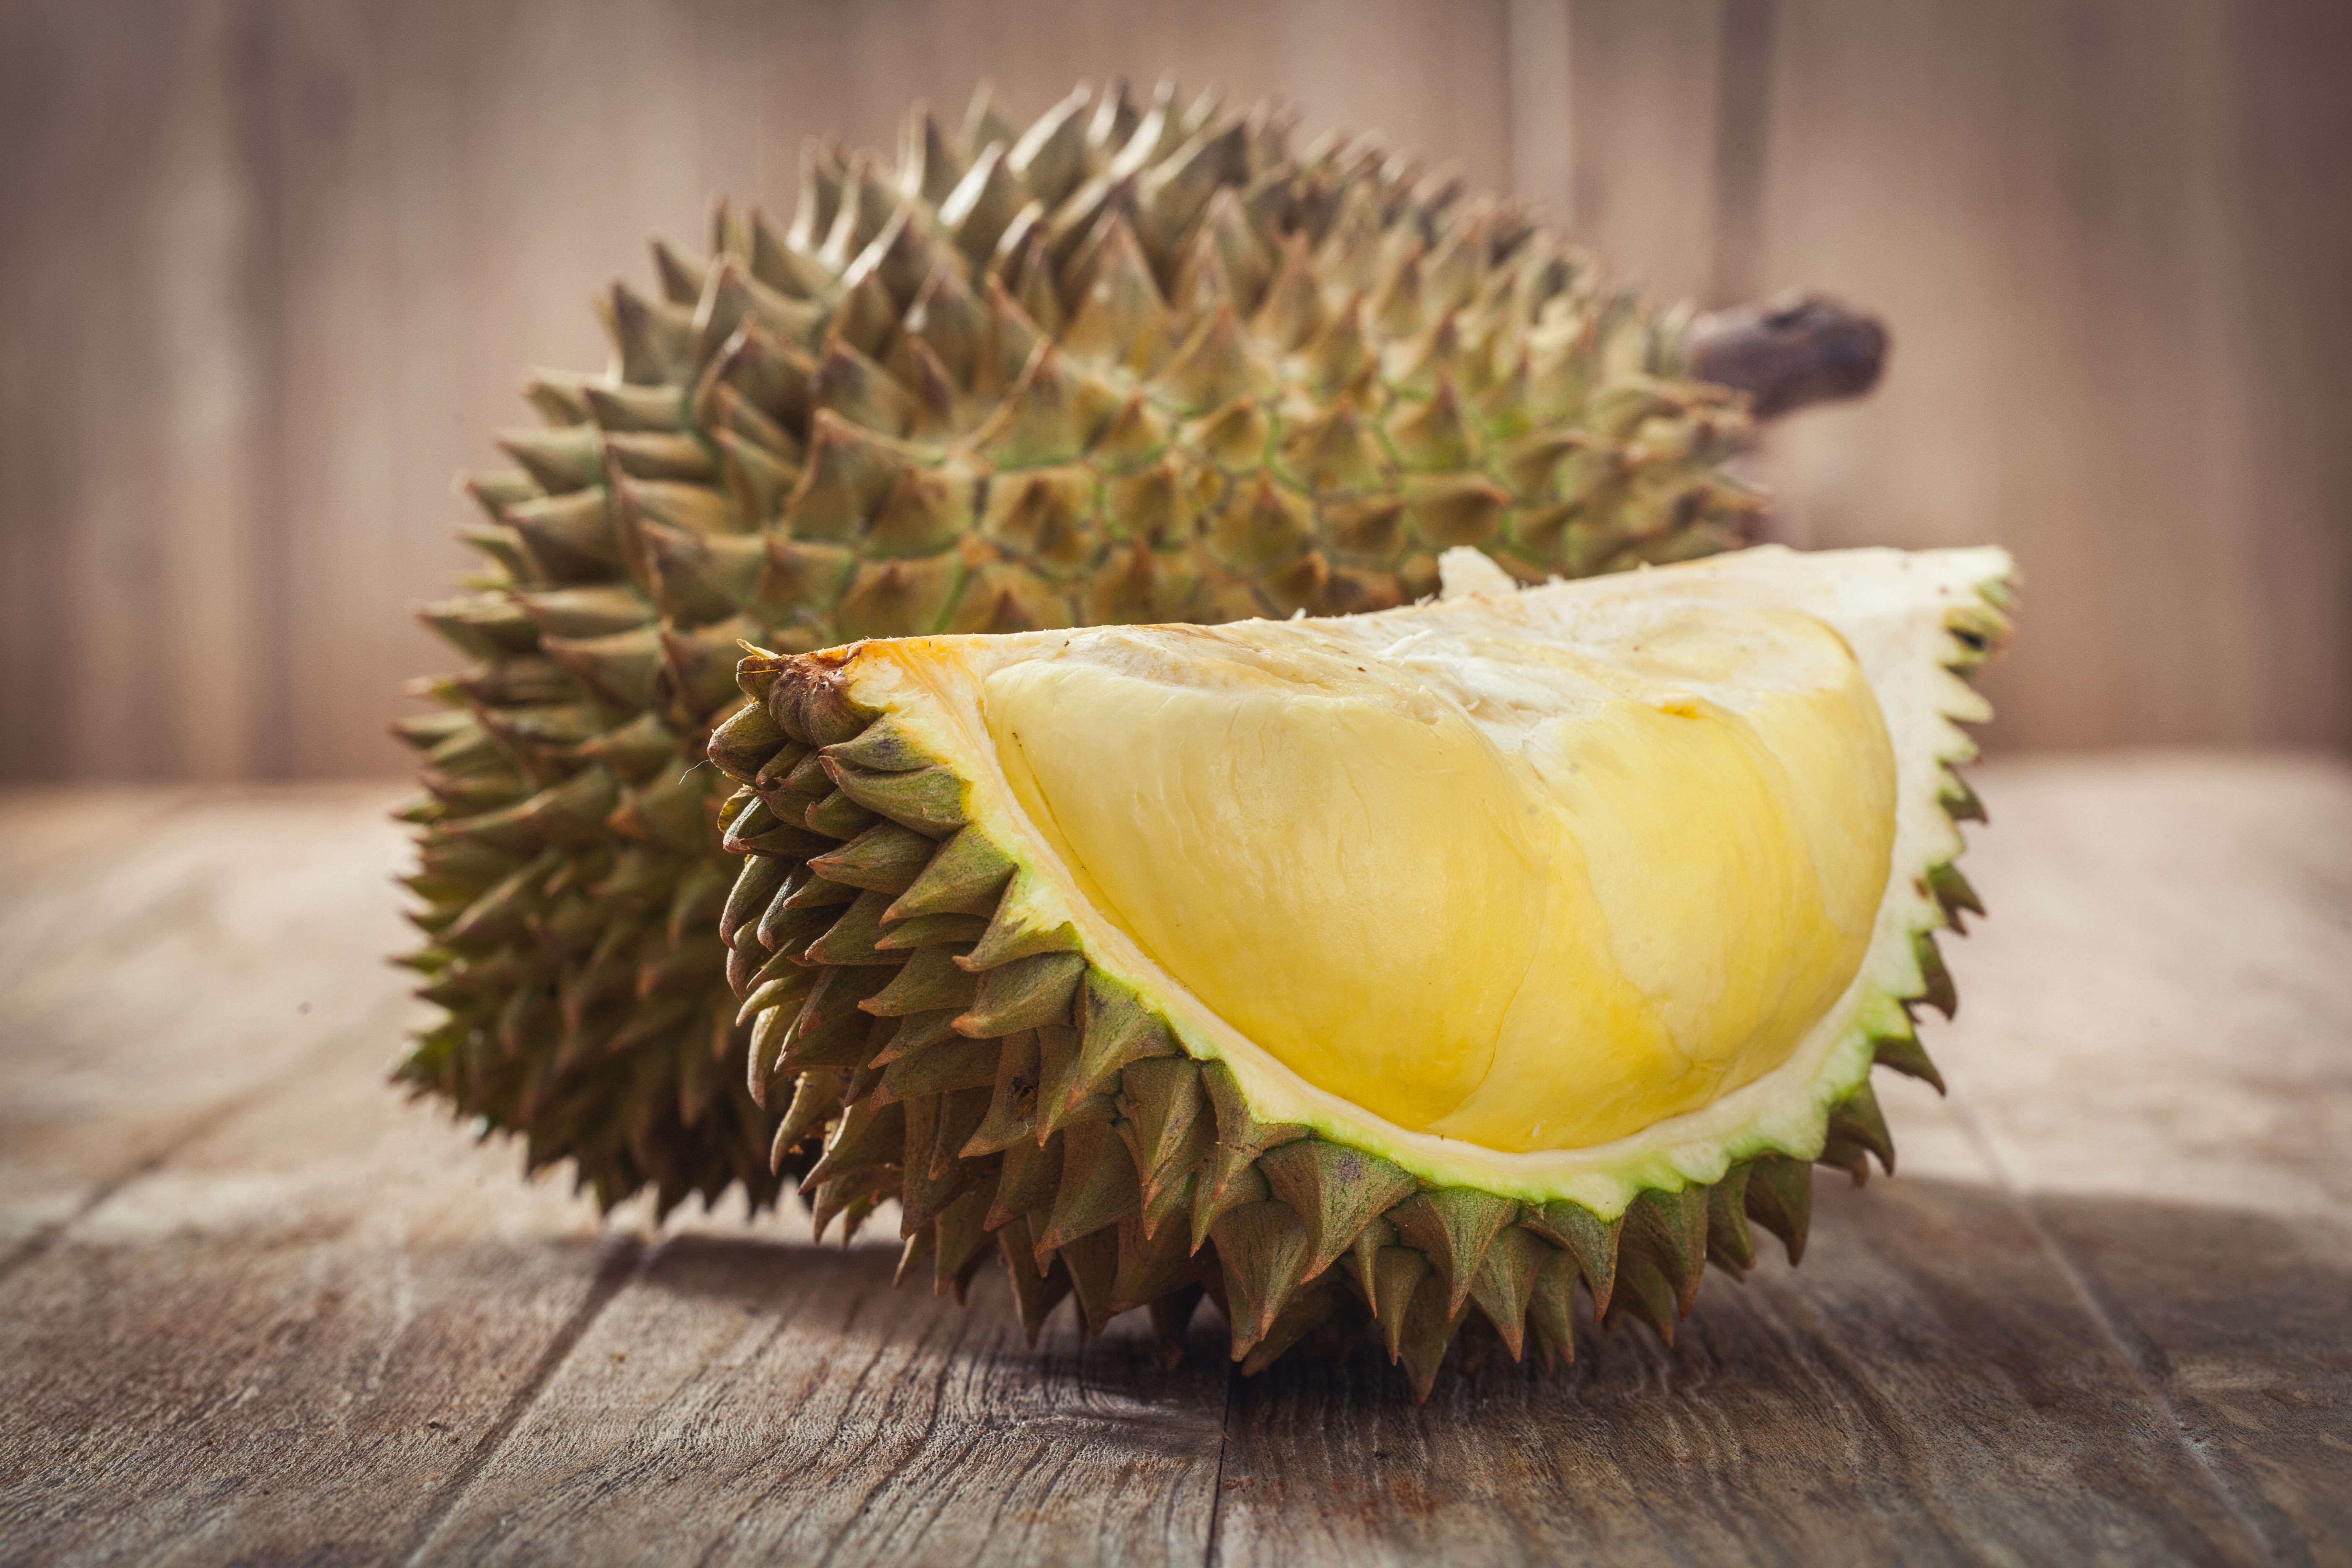 A világ egyik legbüdösebb gyümölcseként ismerik, de az ízét így is sokan szeretik. Mit látsz a képen?